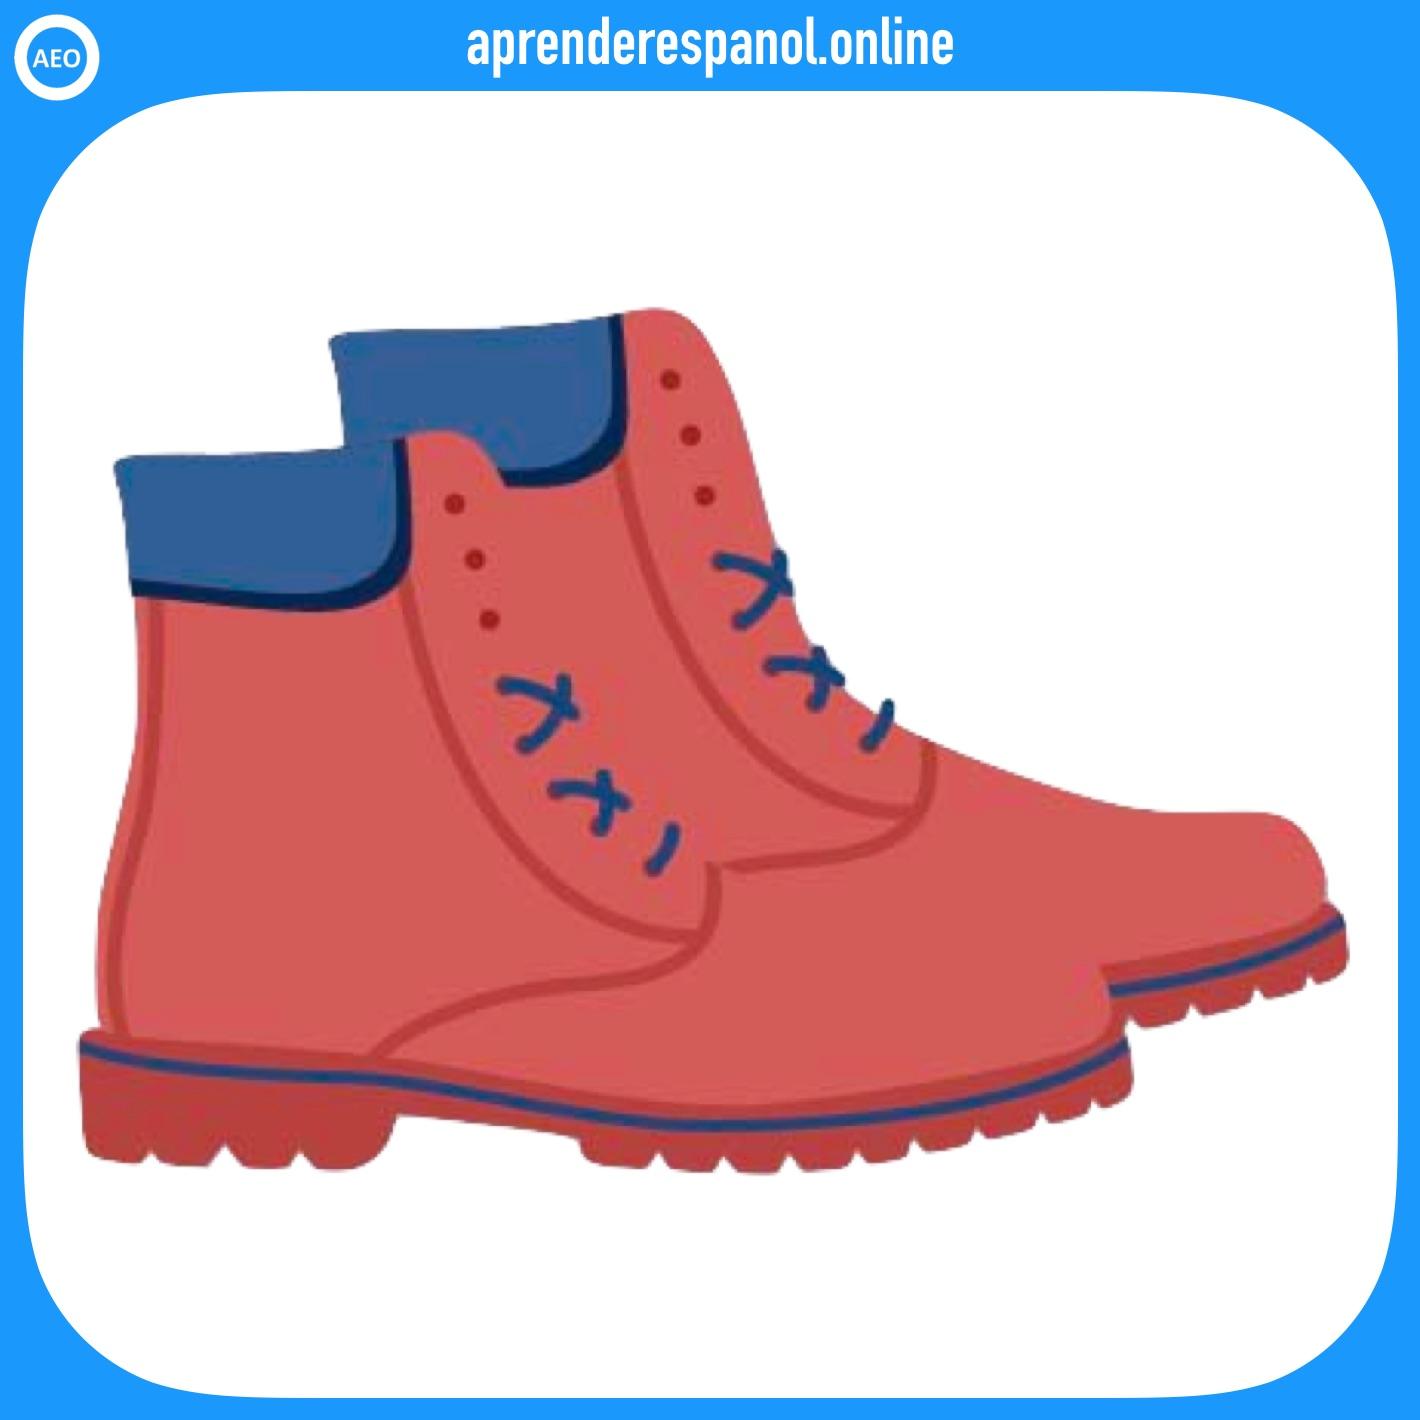 botas | ropa en español | vocabulario de la ropa en español